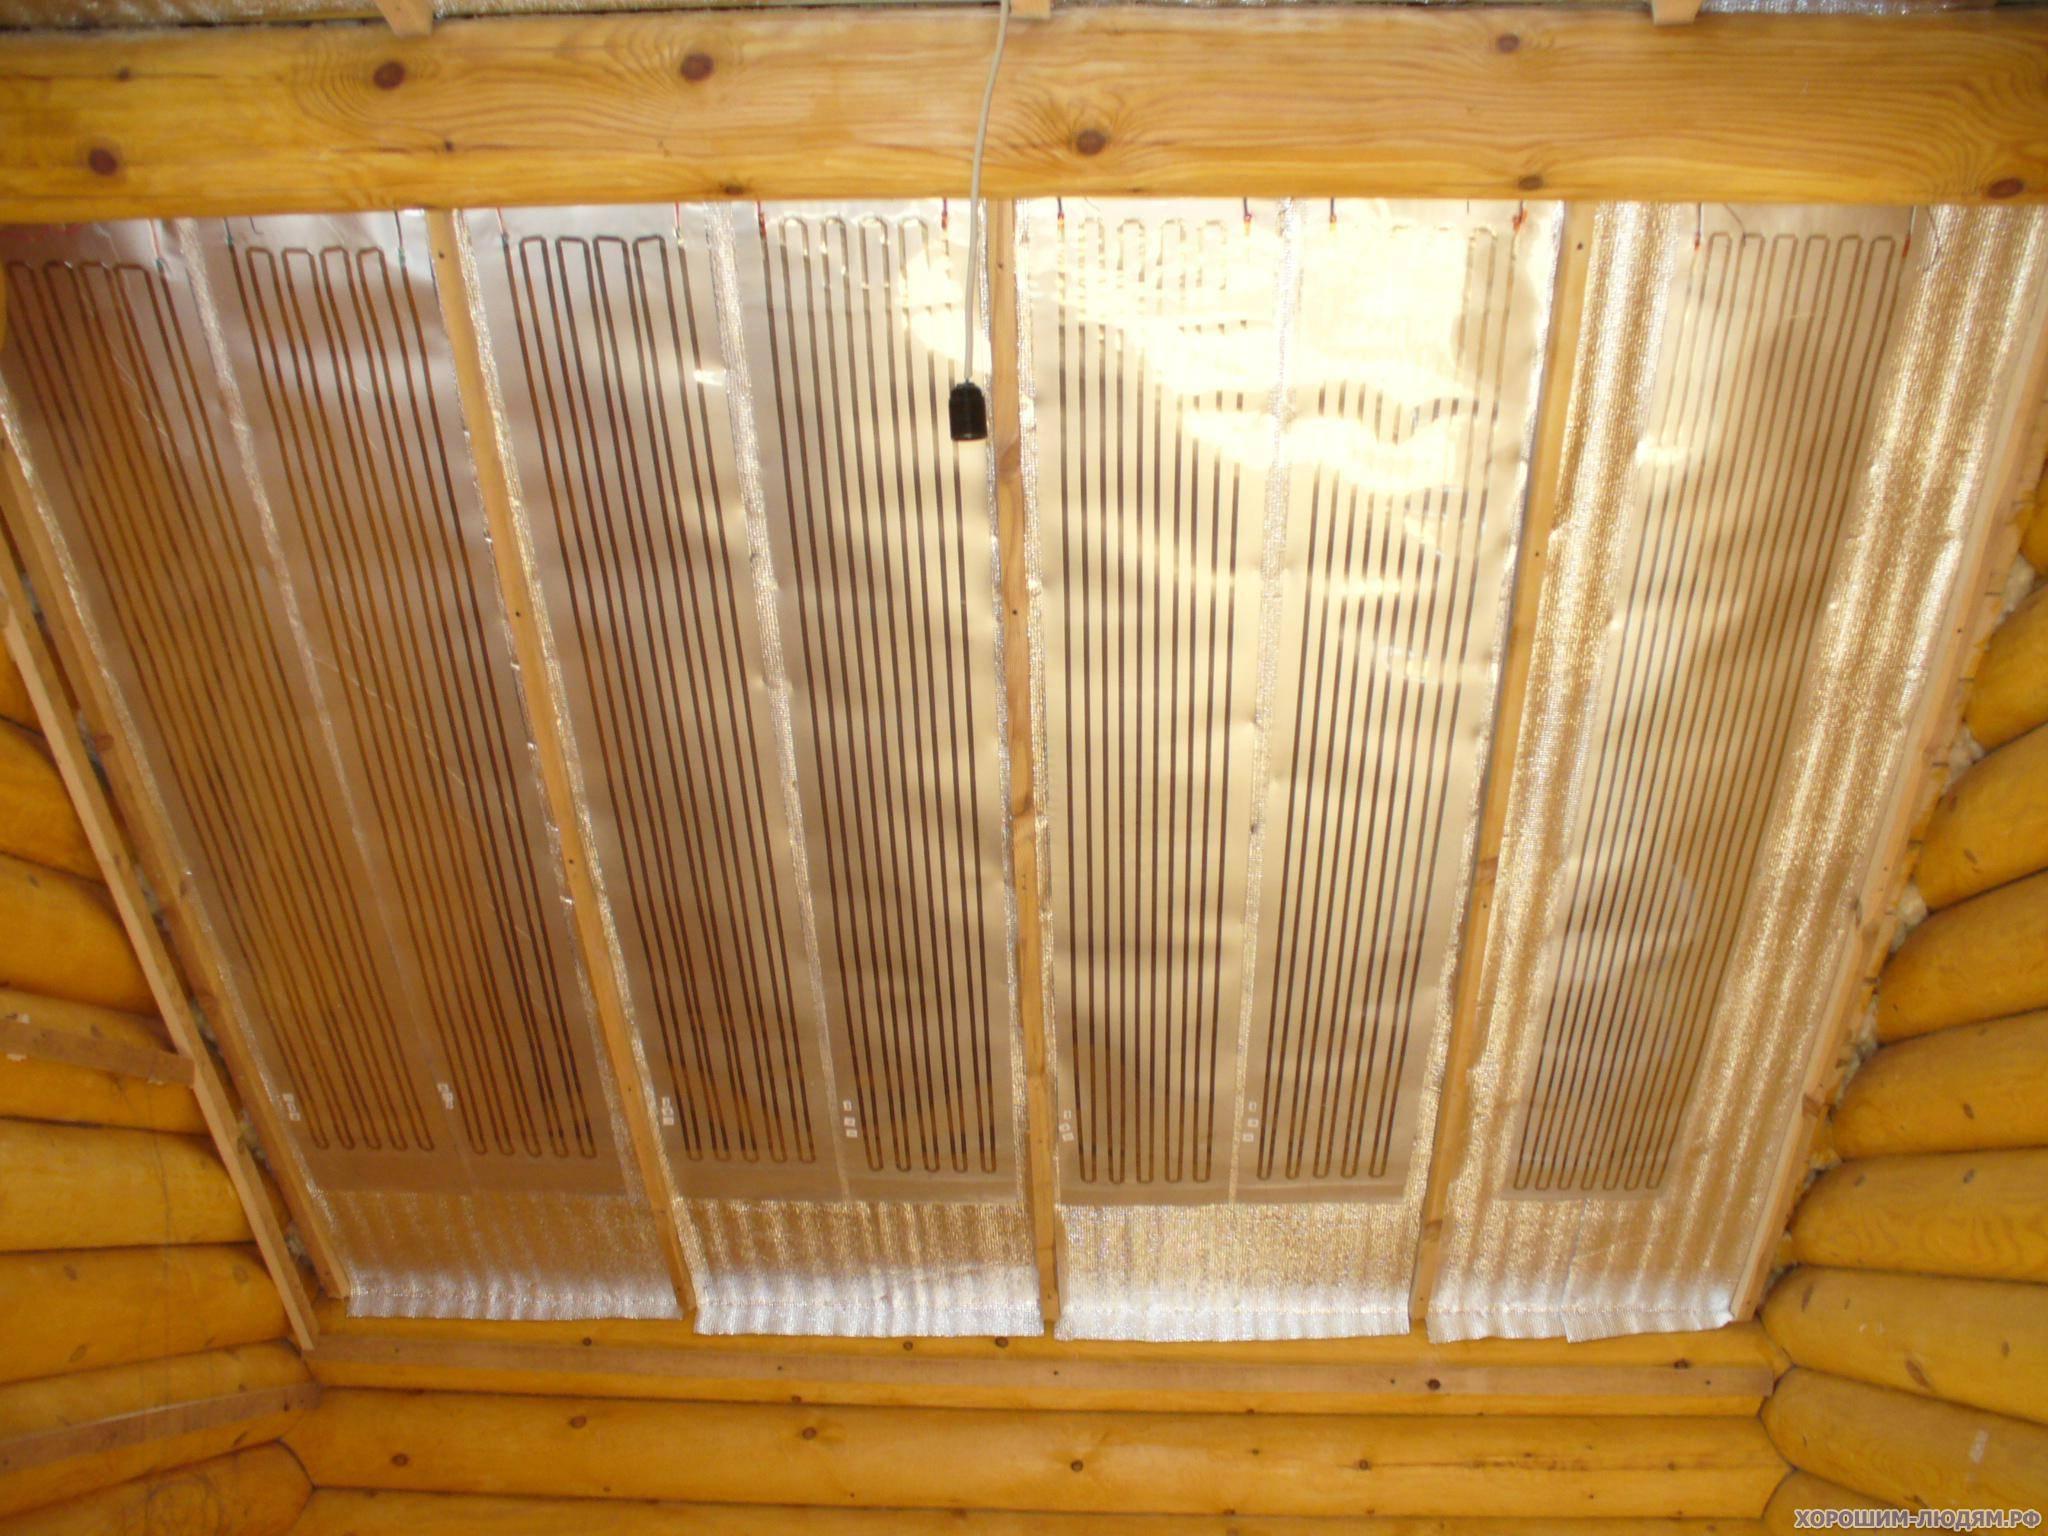 Плёночный обогреватель: типы, преимущества и недостатки инфракрасных нагревателей для дома